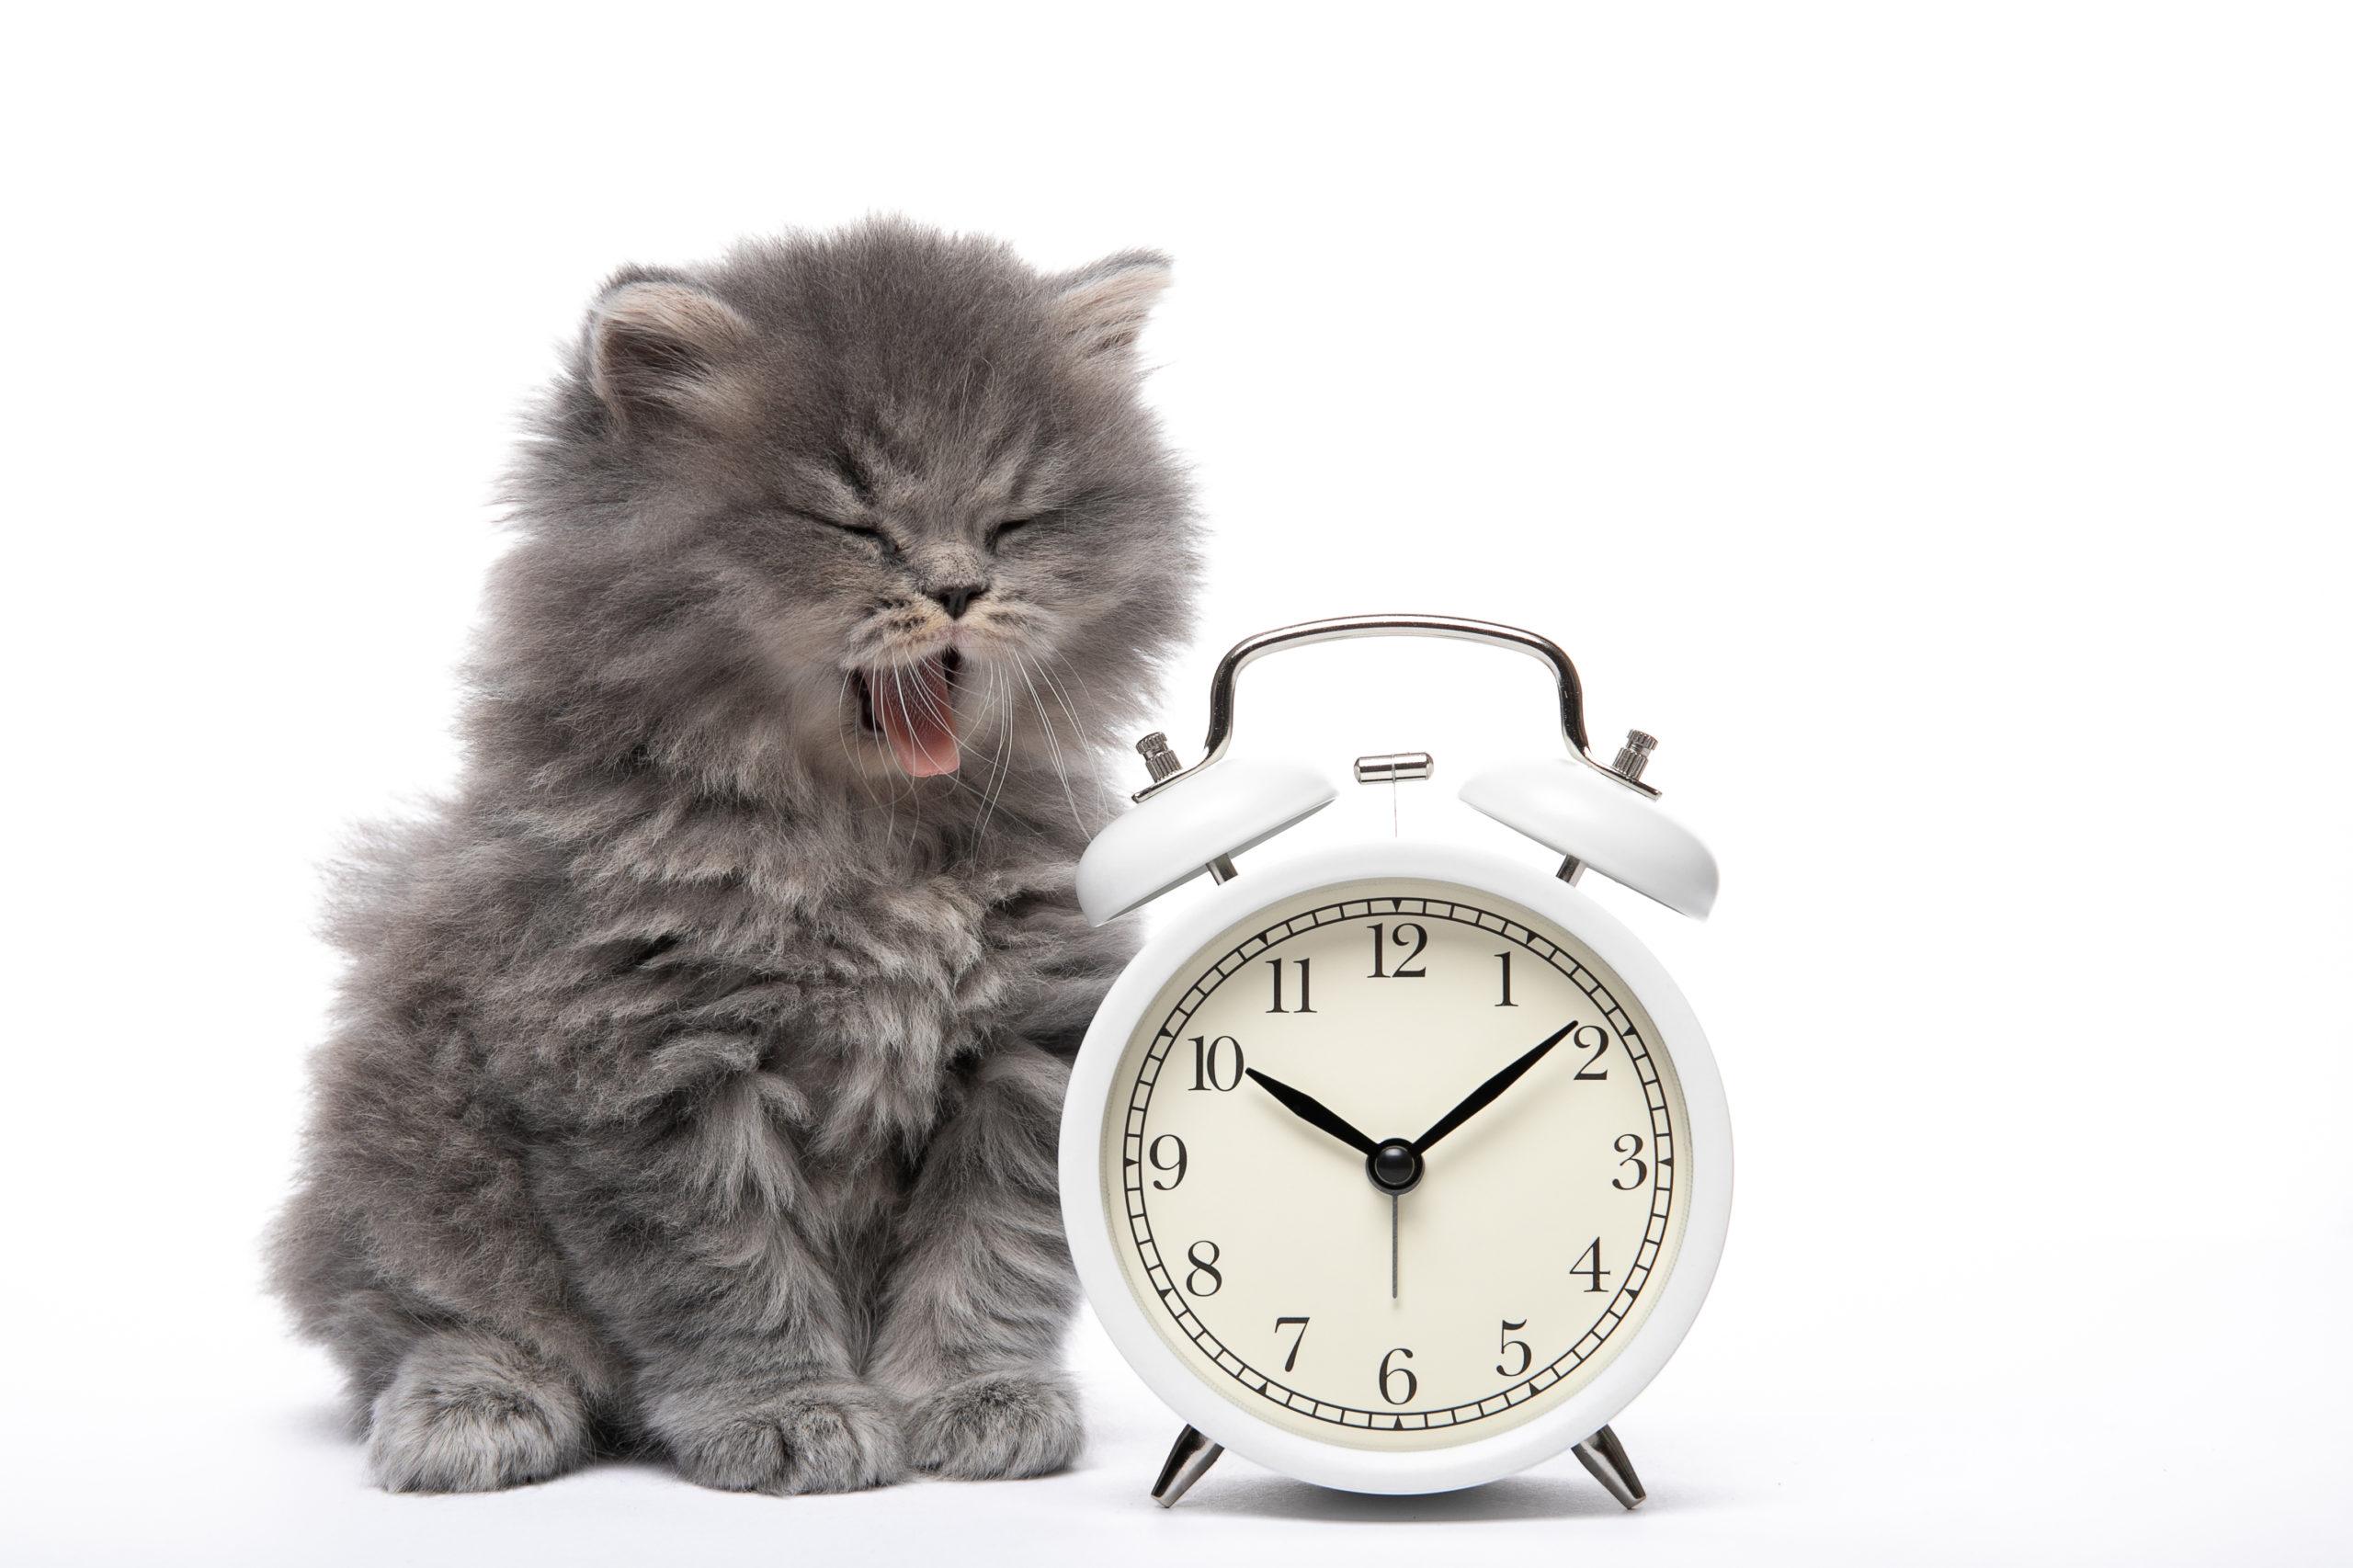 目覚まし時計の隣であくびをする子猫